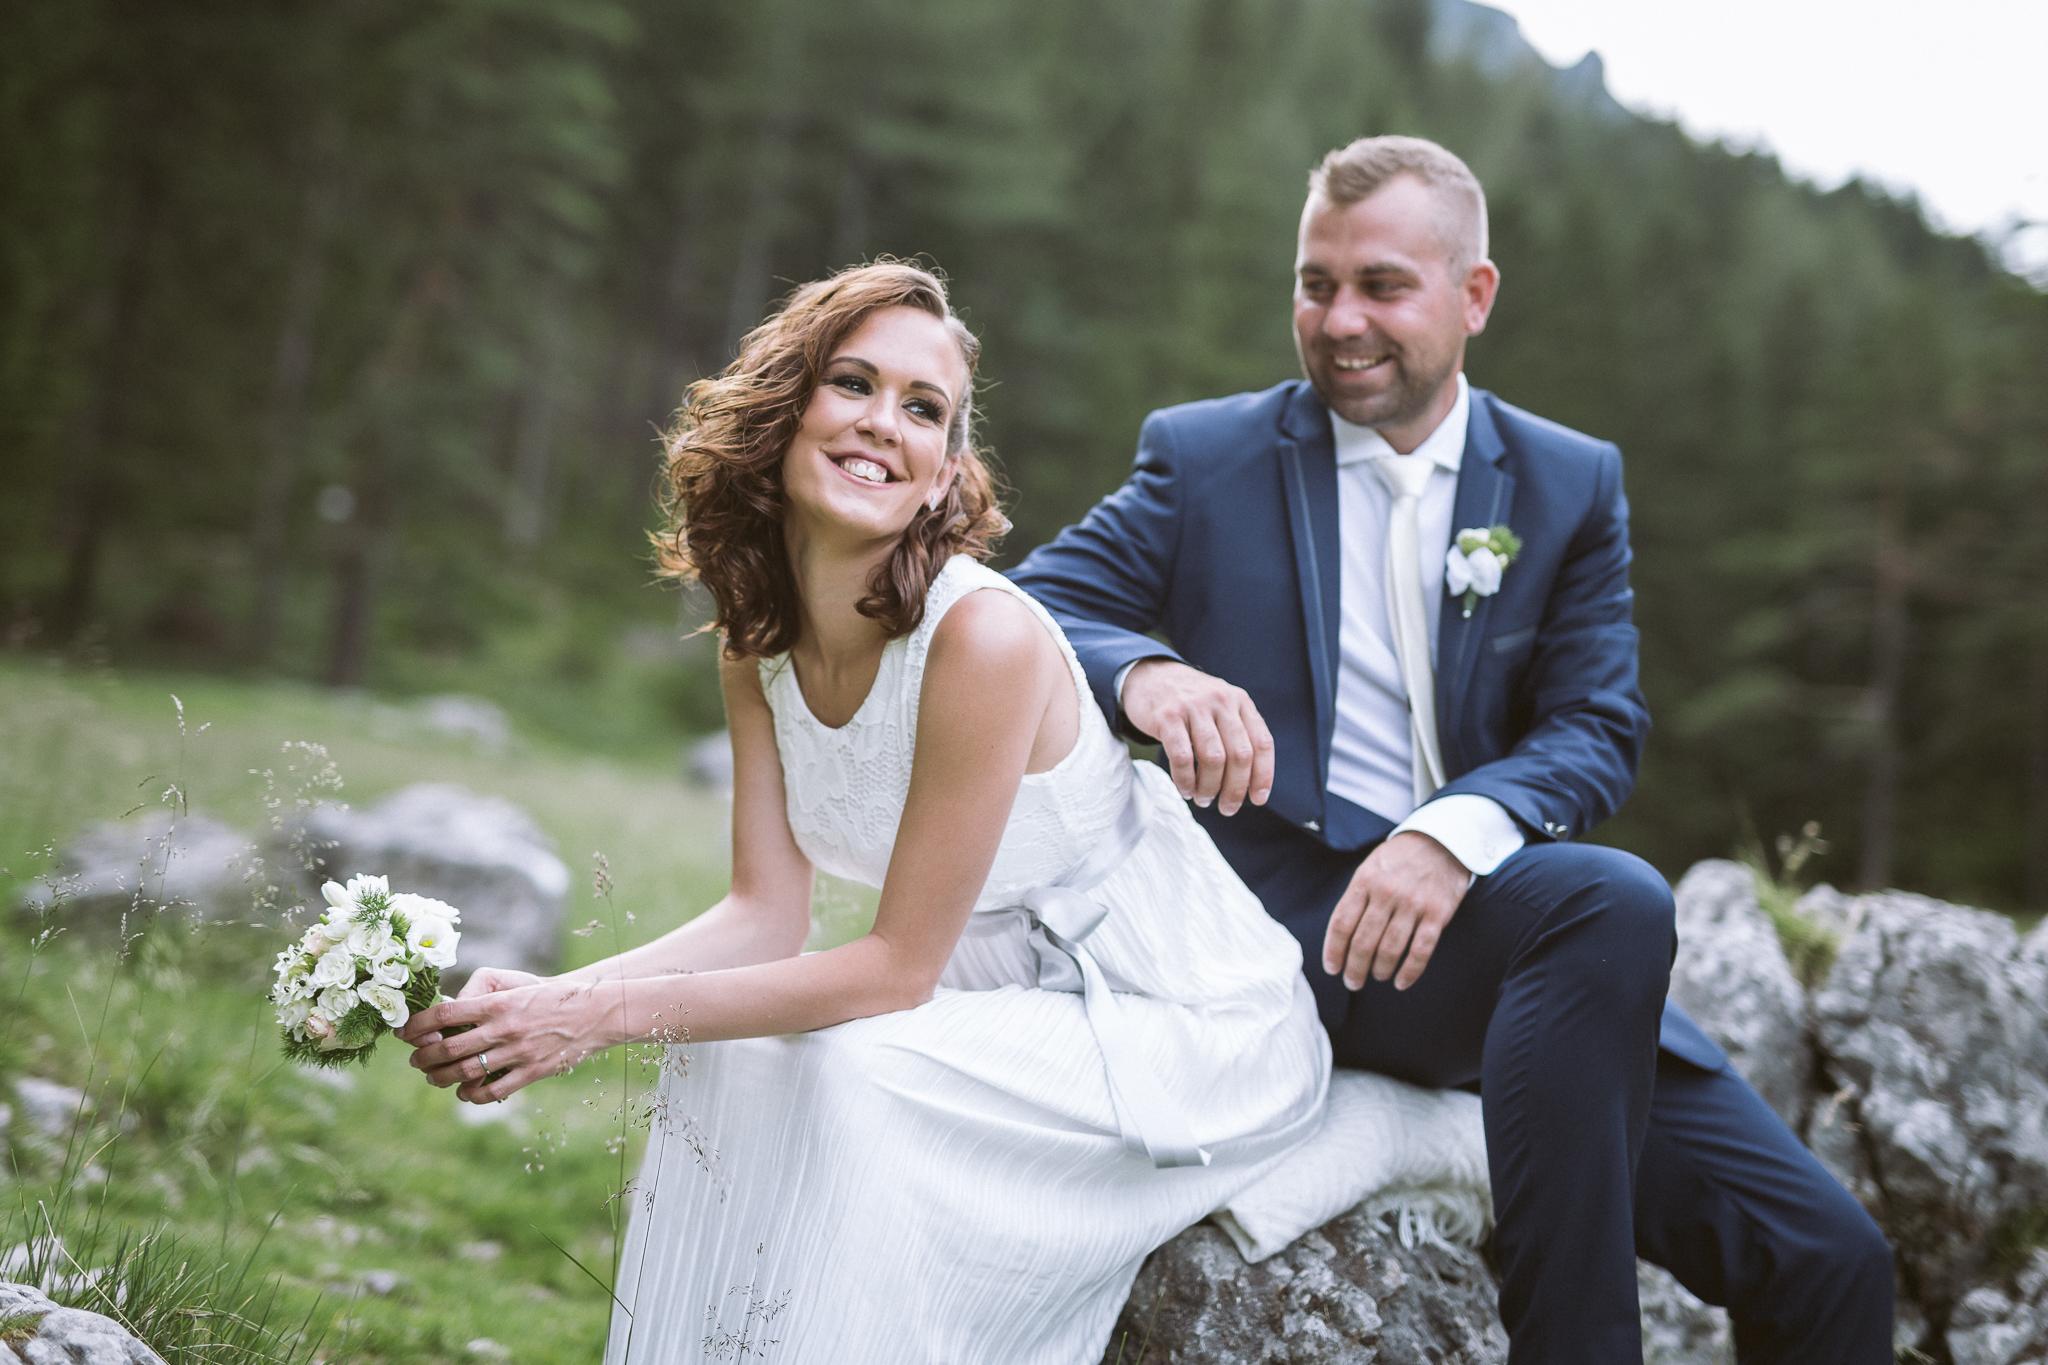 FylepPhoto, esküvőfotózás, magyarország, esküvői fotós, vasmegye, prémium, jegyesfotózás, Fülöp Péter, körmend, kreatív, grüner see_26.jpg